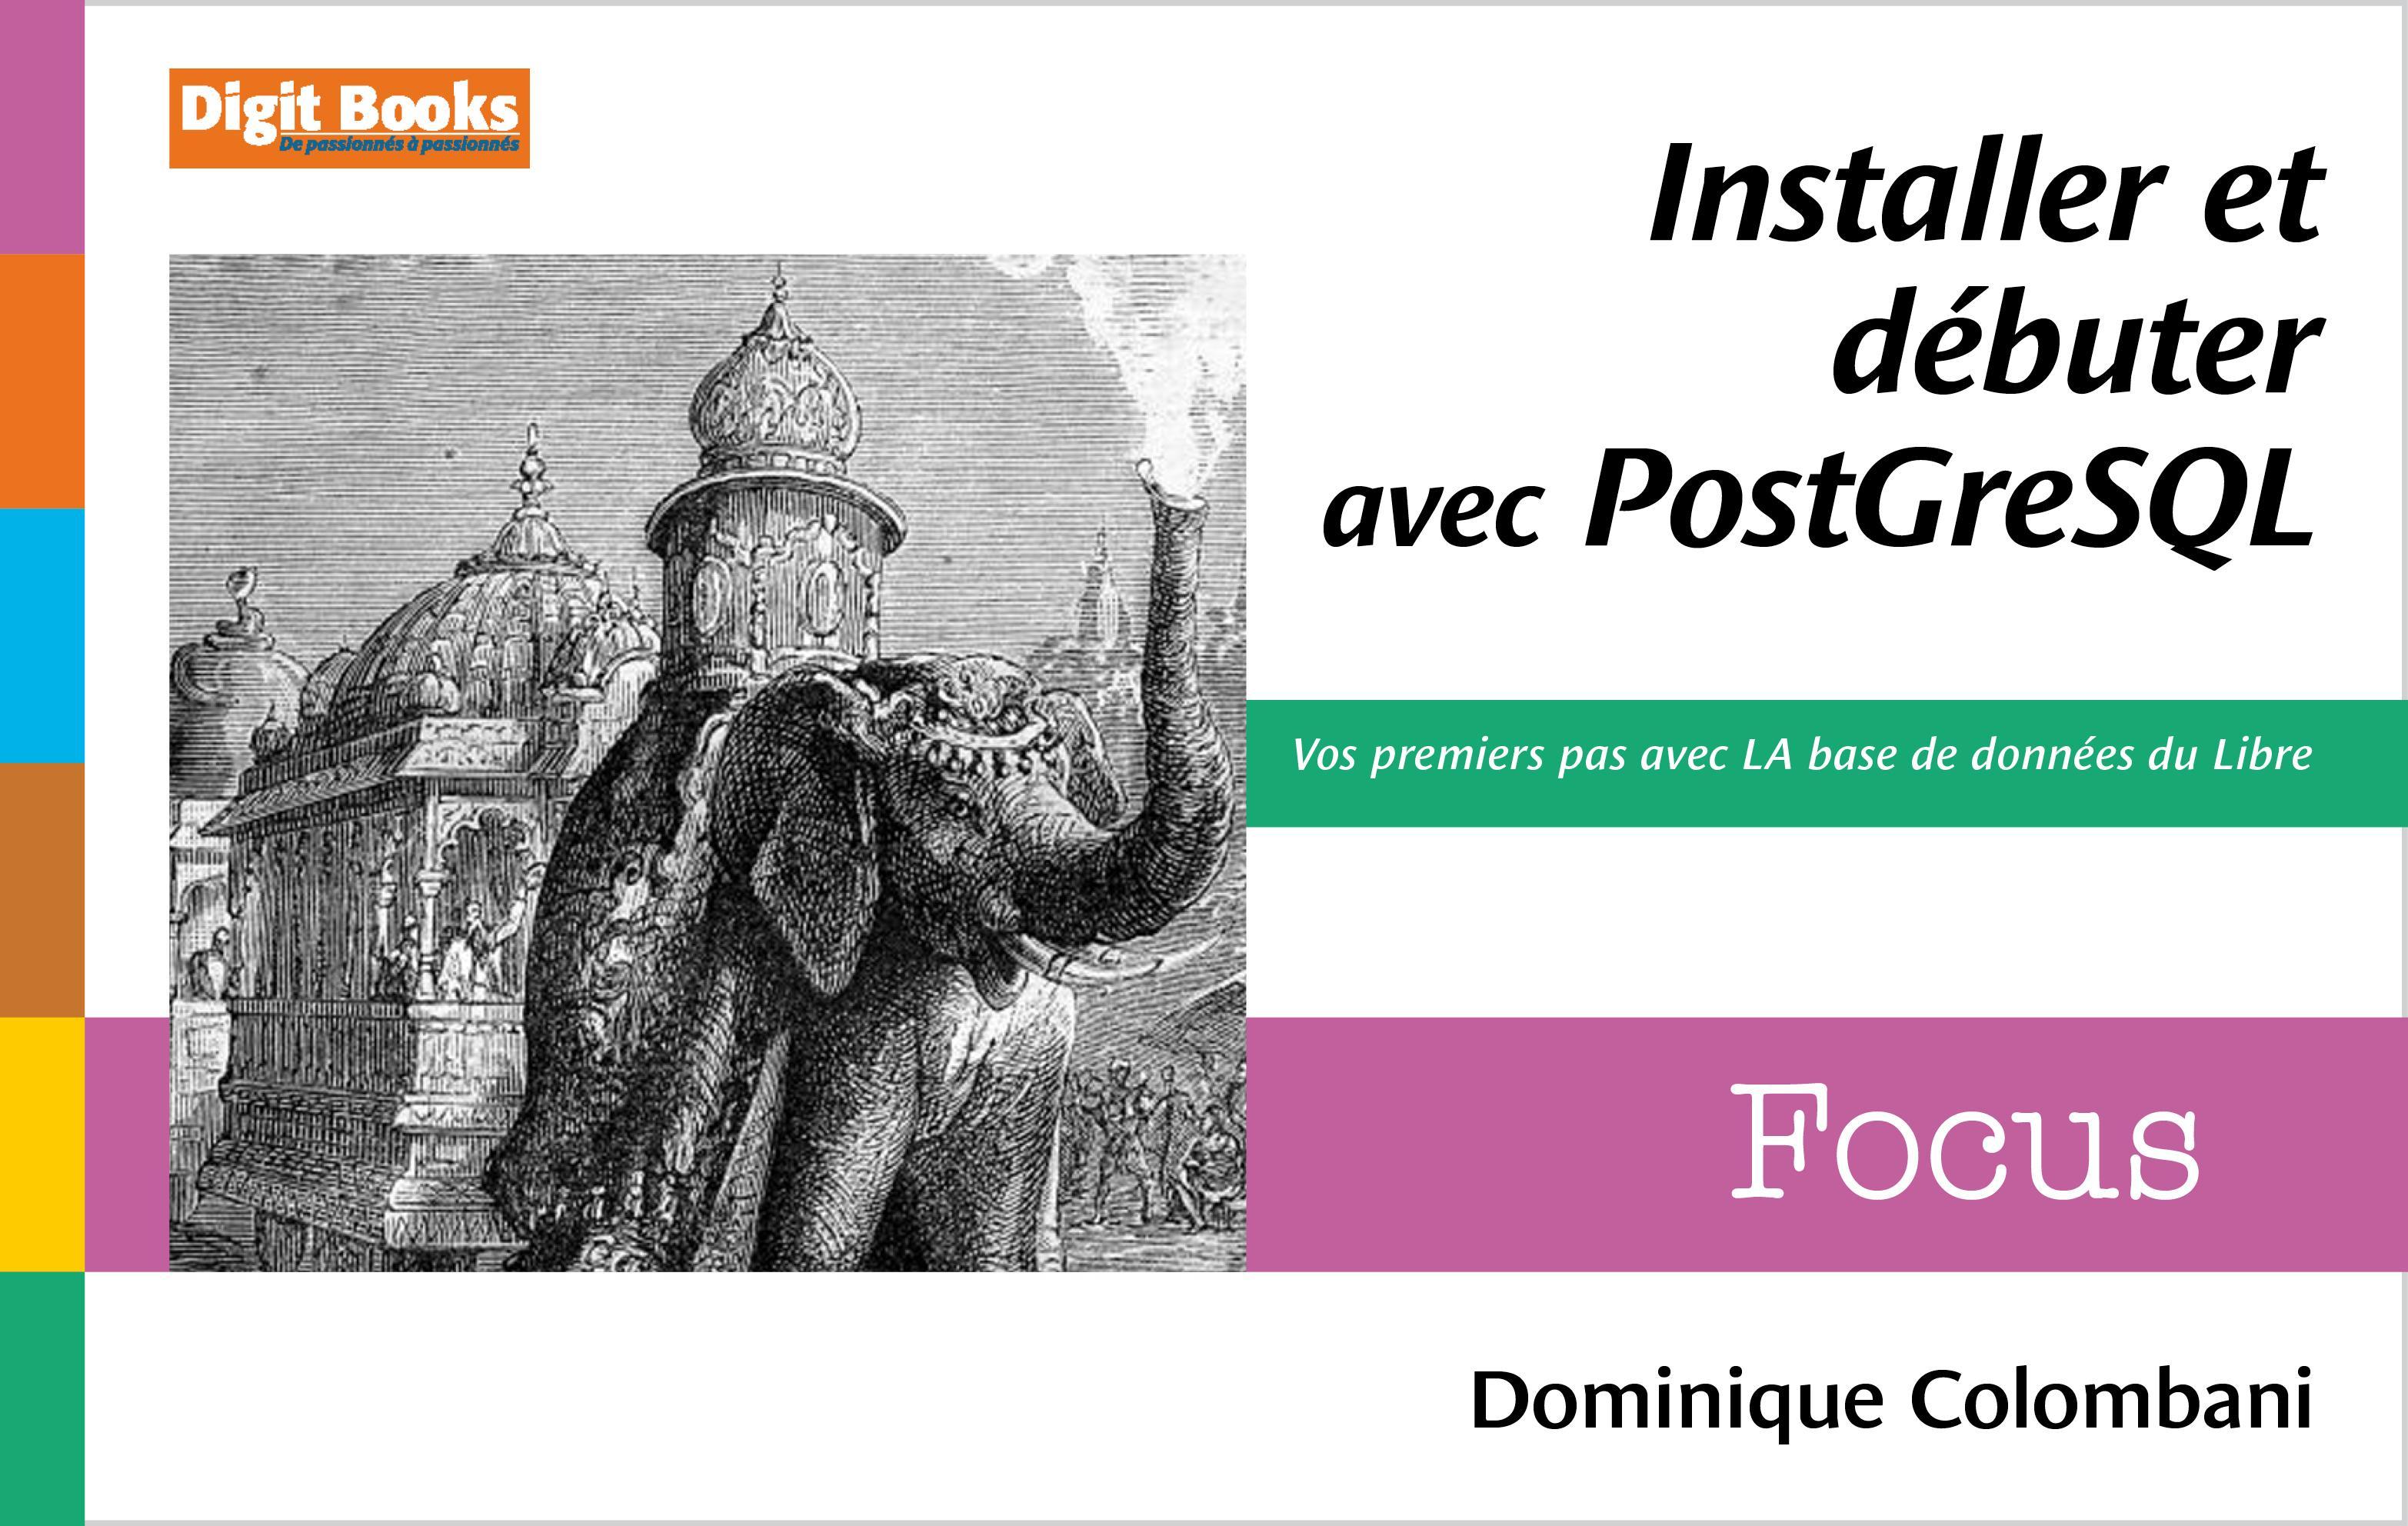 Installer et débuter avec PostgreSQL